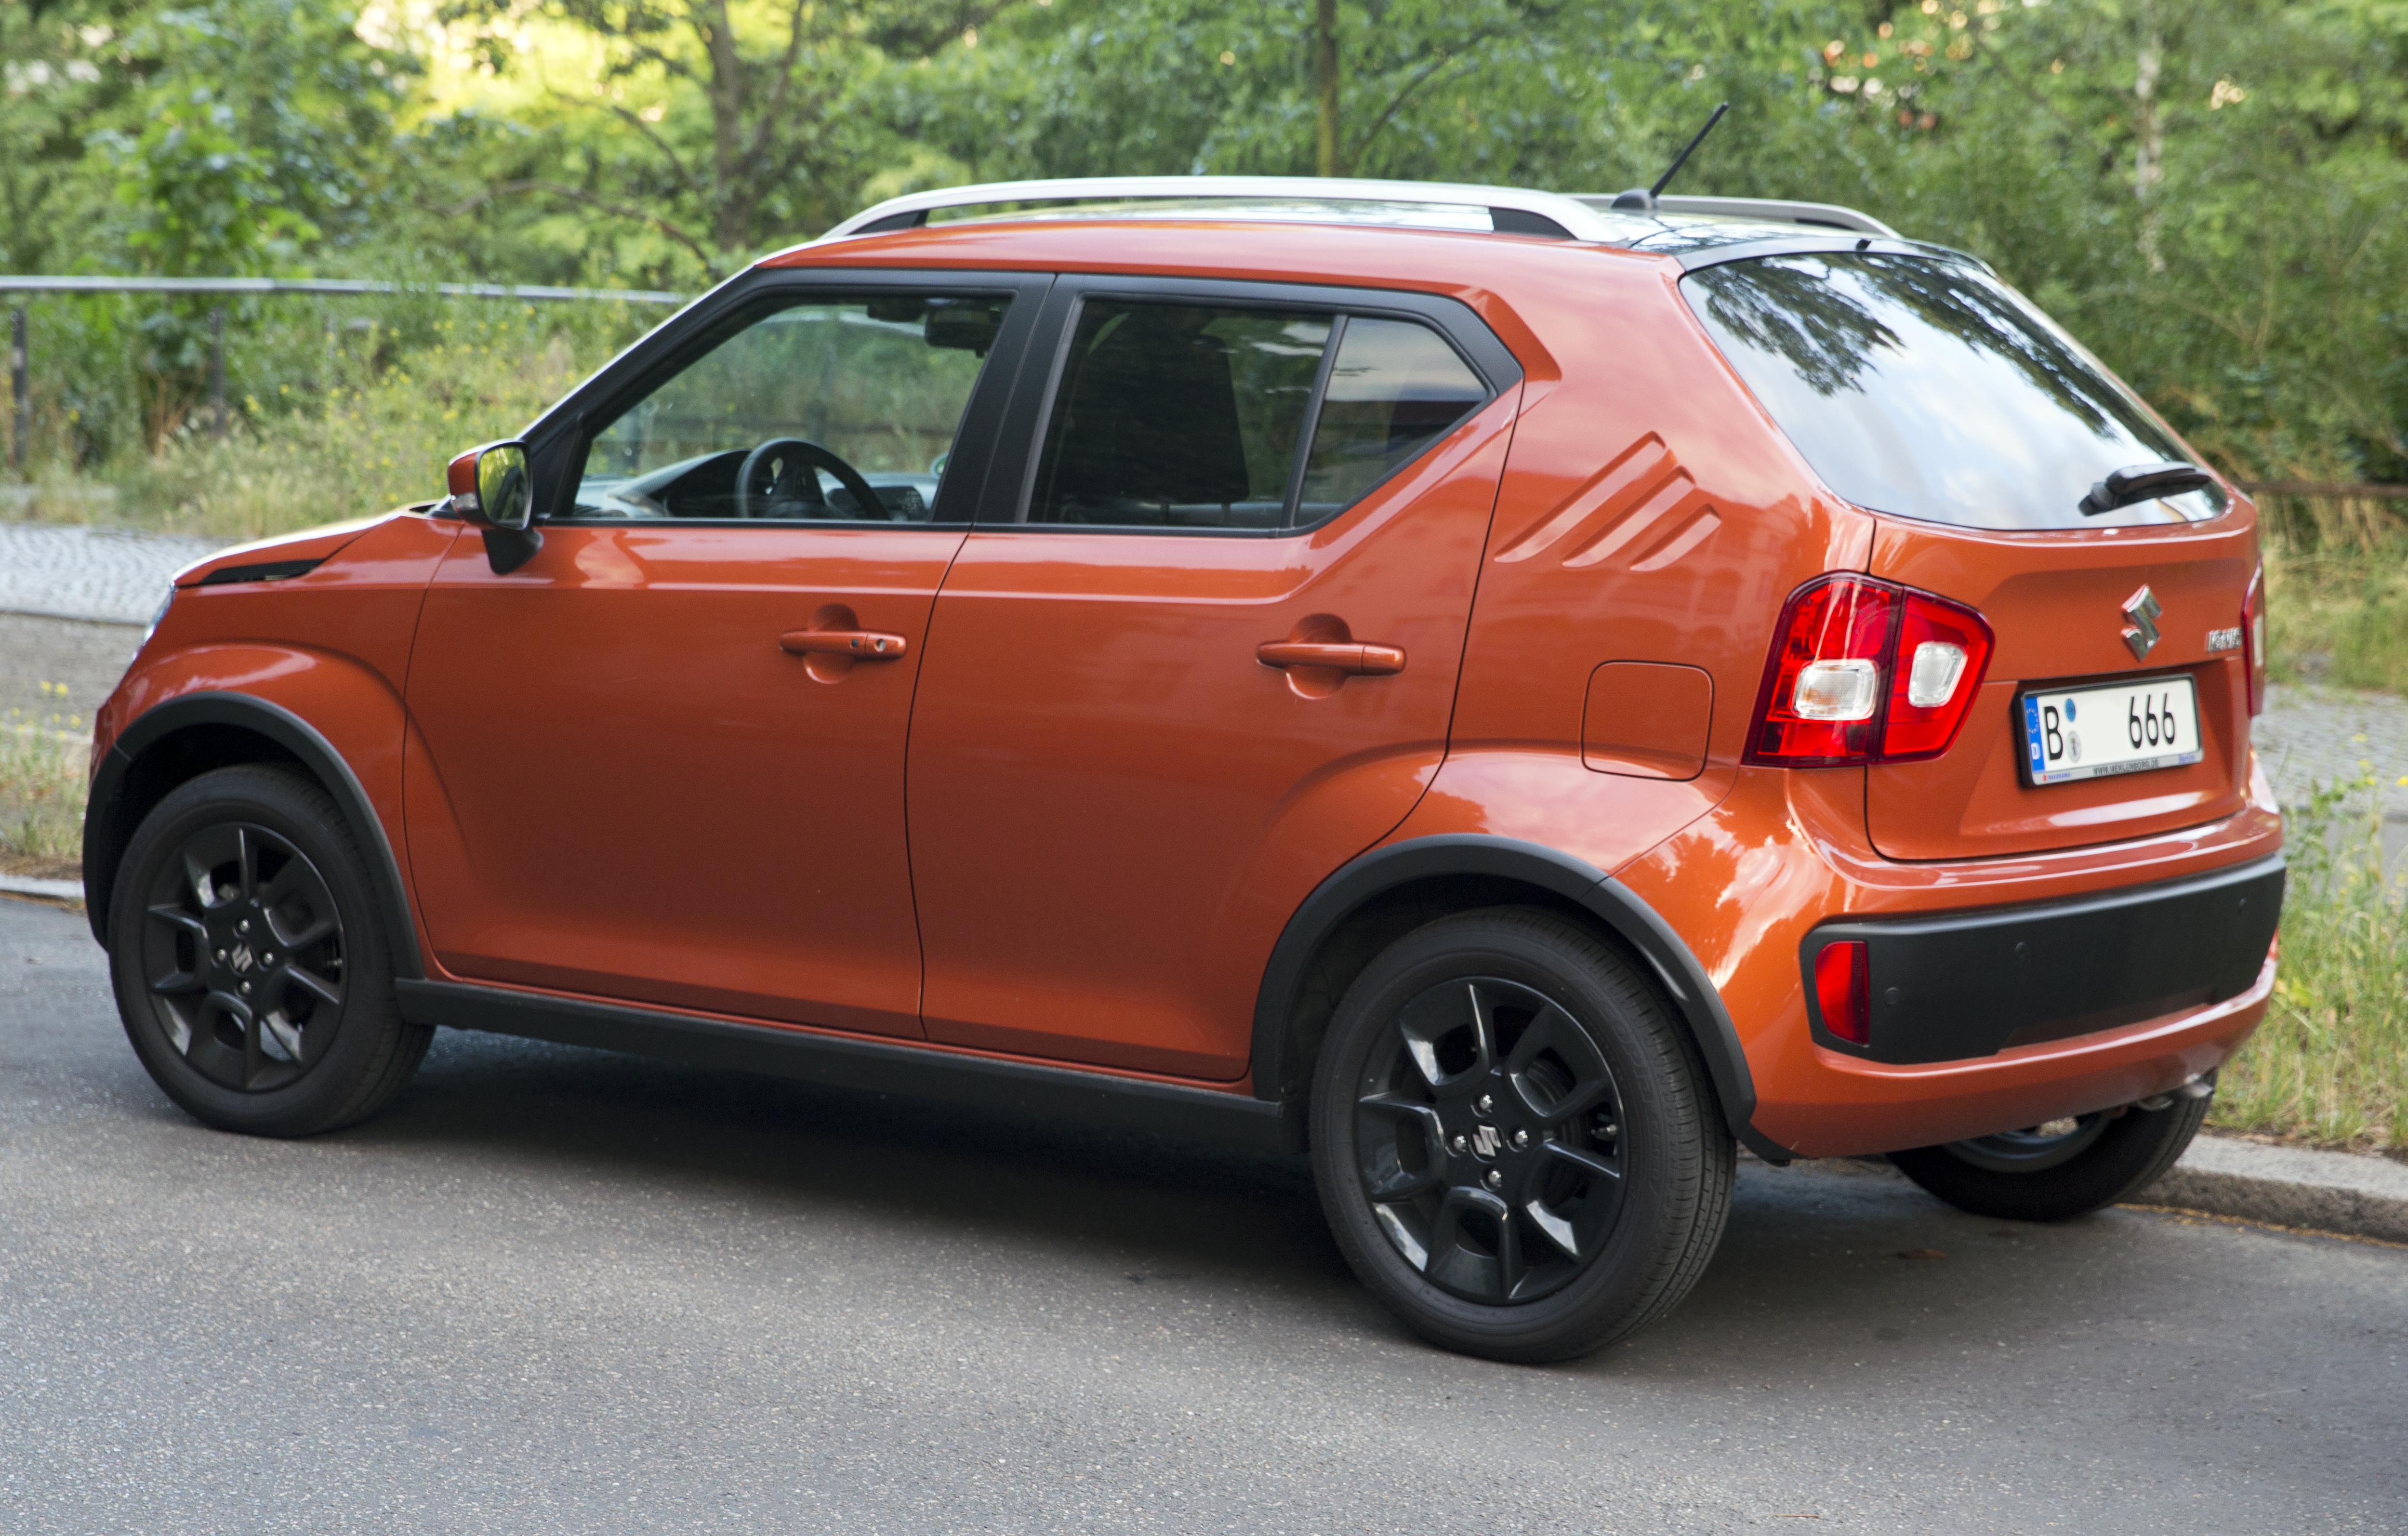 File:2017 Suzuki Ignis Intro Edition, Sprengelkiez (rear